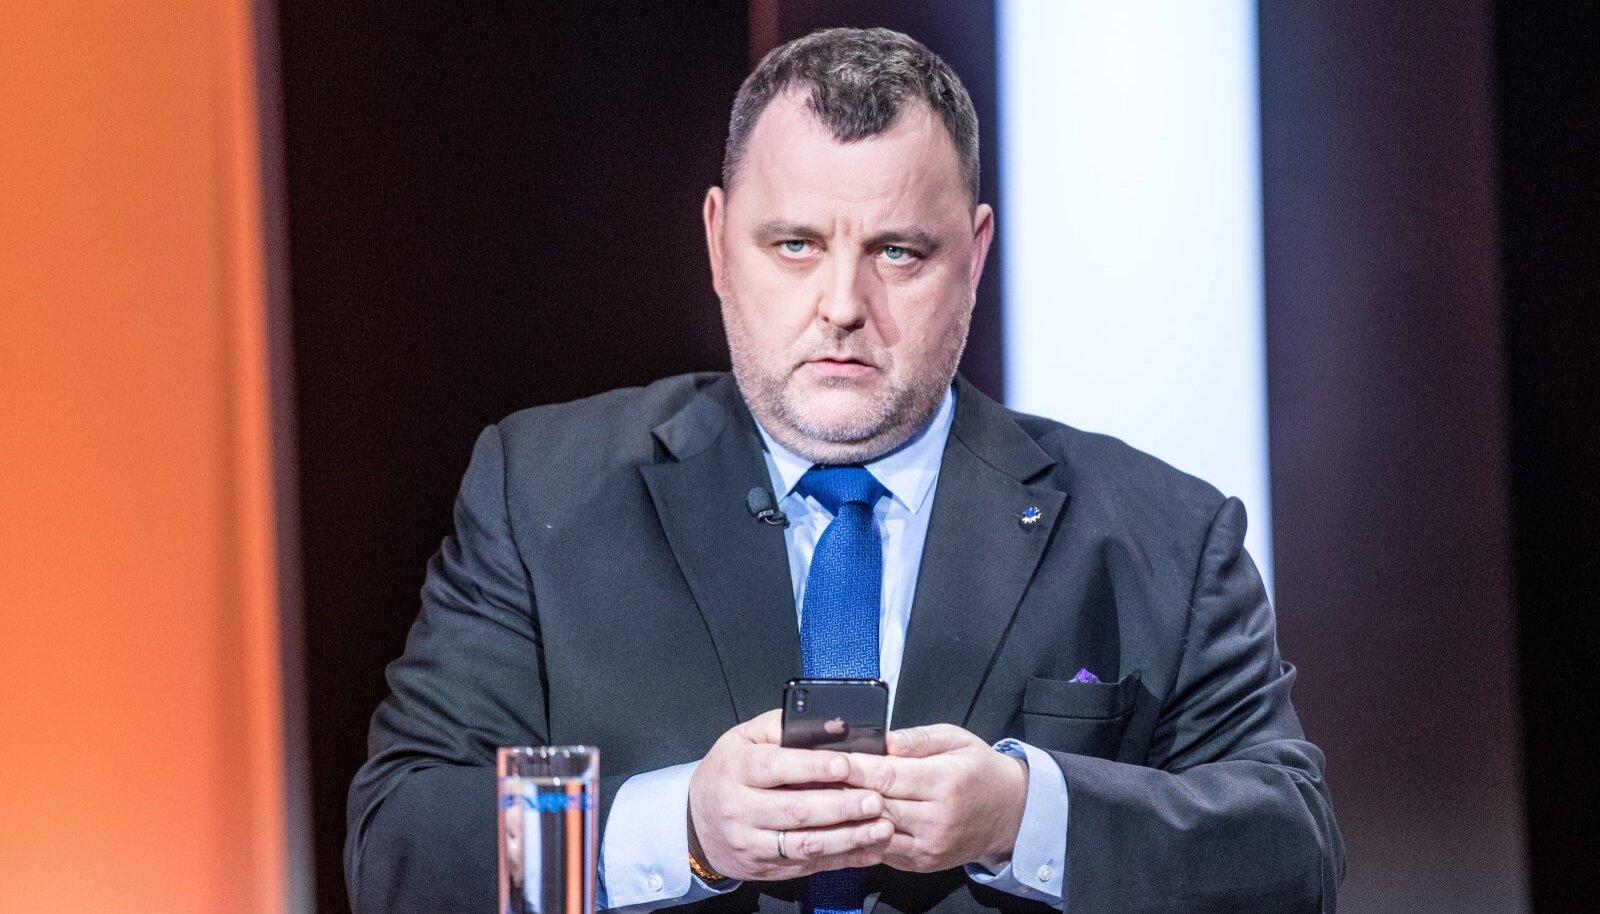 Riigikogu majanduskomisjoni esimees Sven Sester